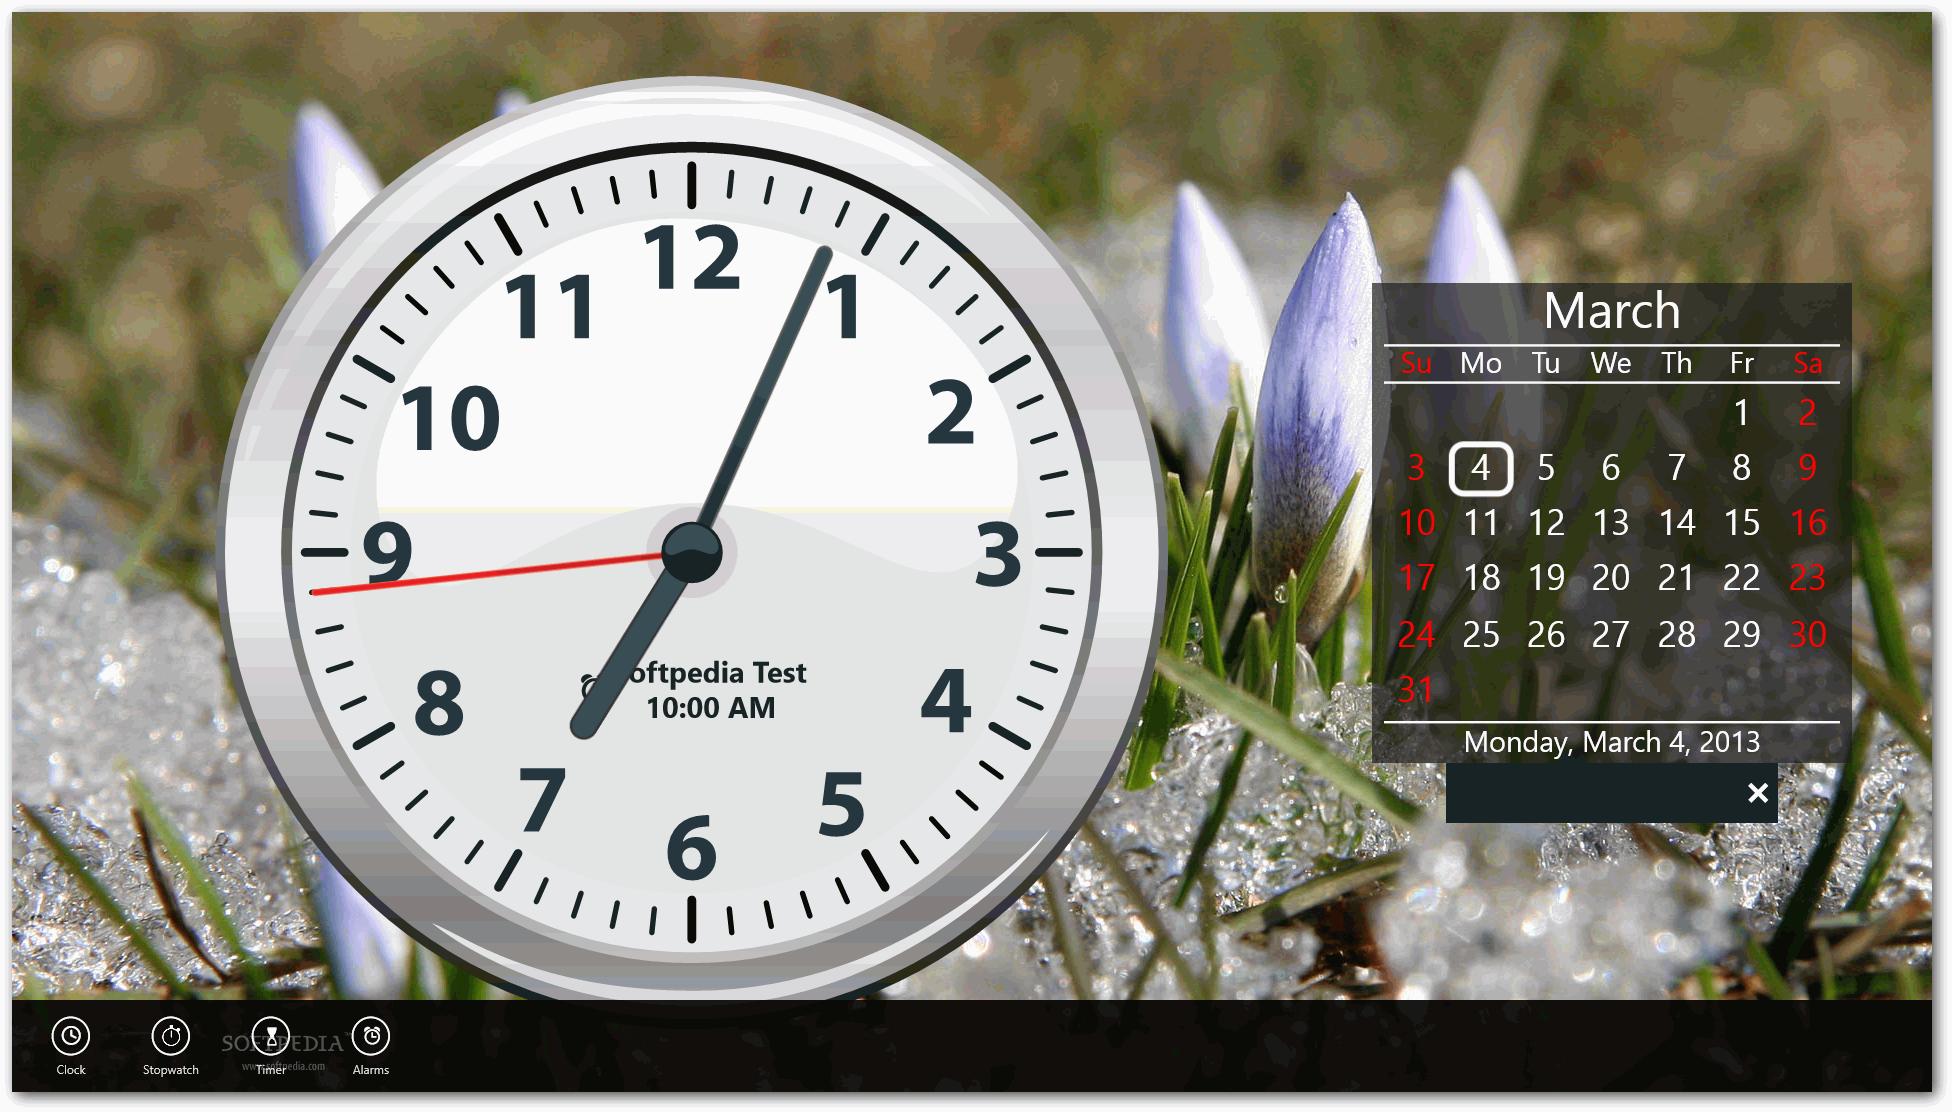 Классический часы с латинским циферблатом оформленные в лазурной цветовой гамме.